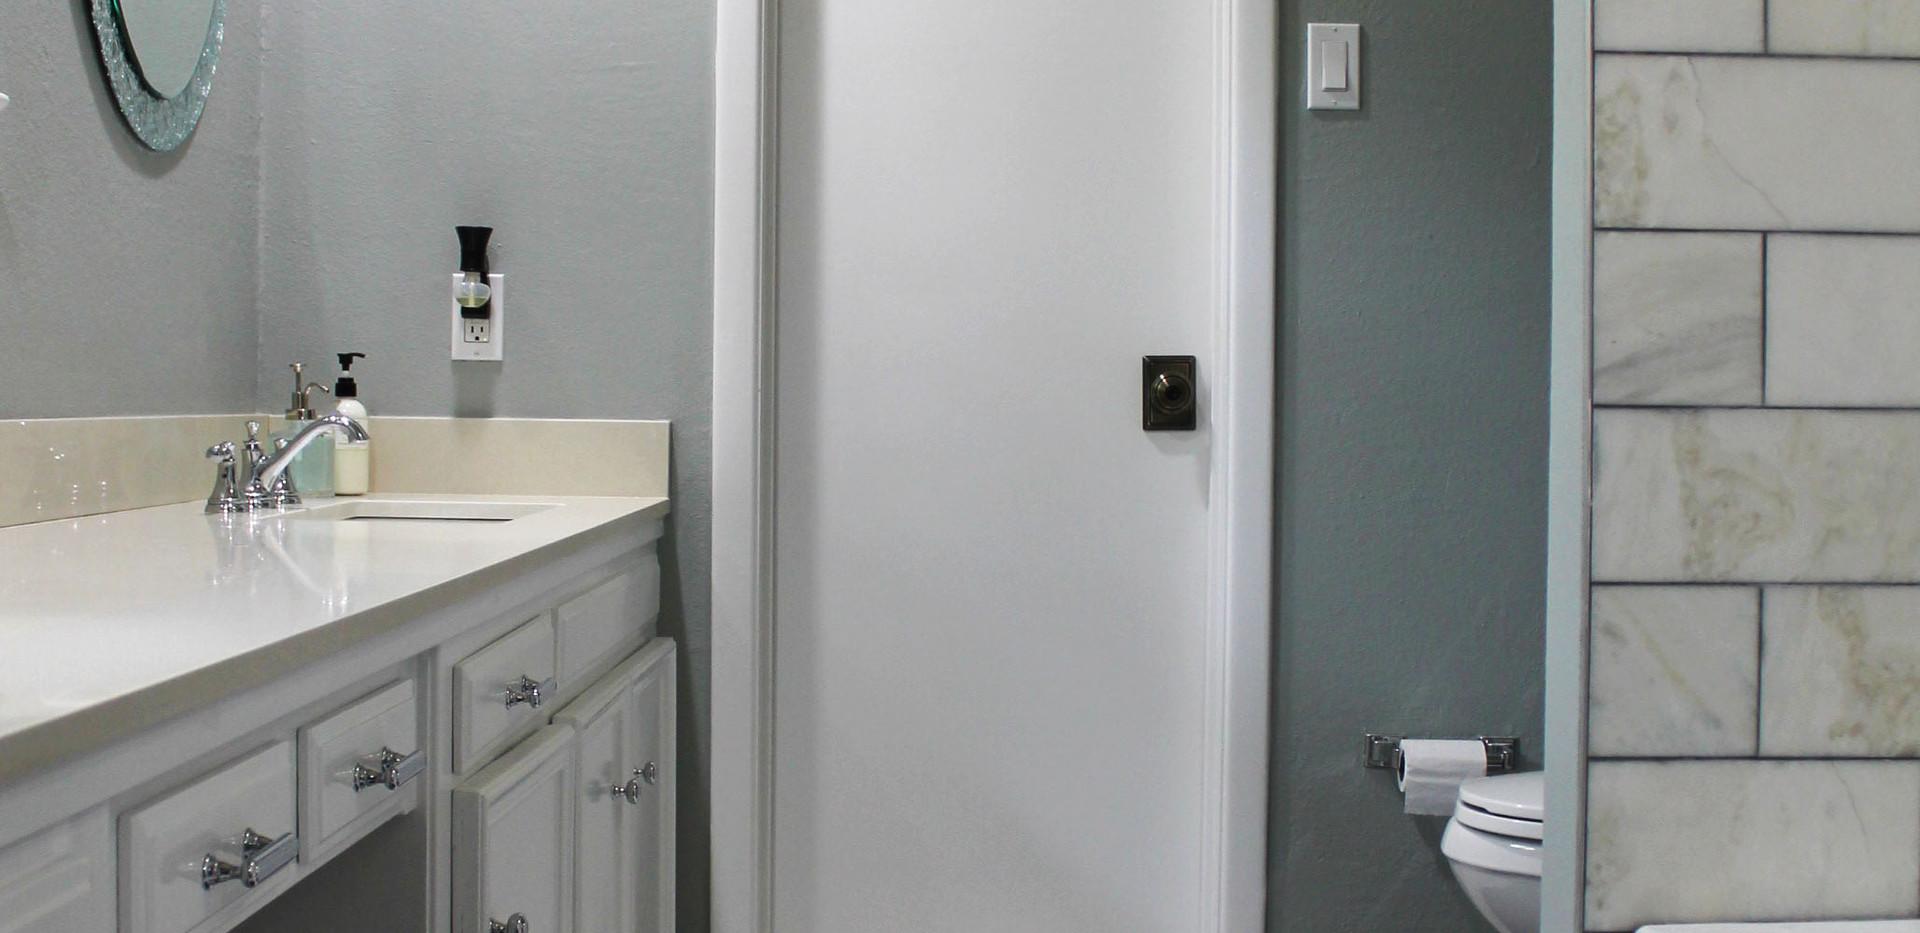 sullins_bathroom1.jpg